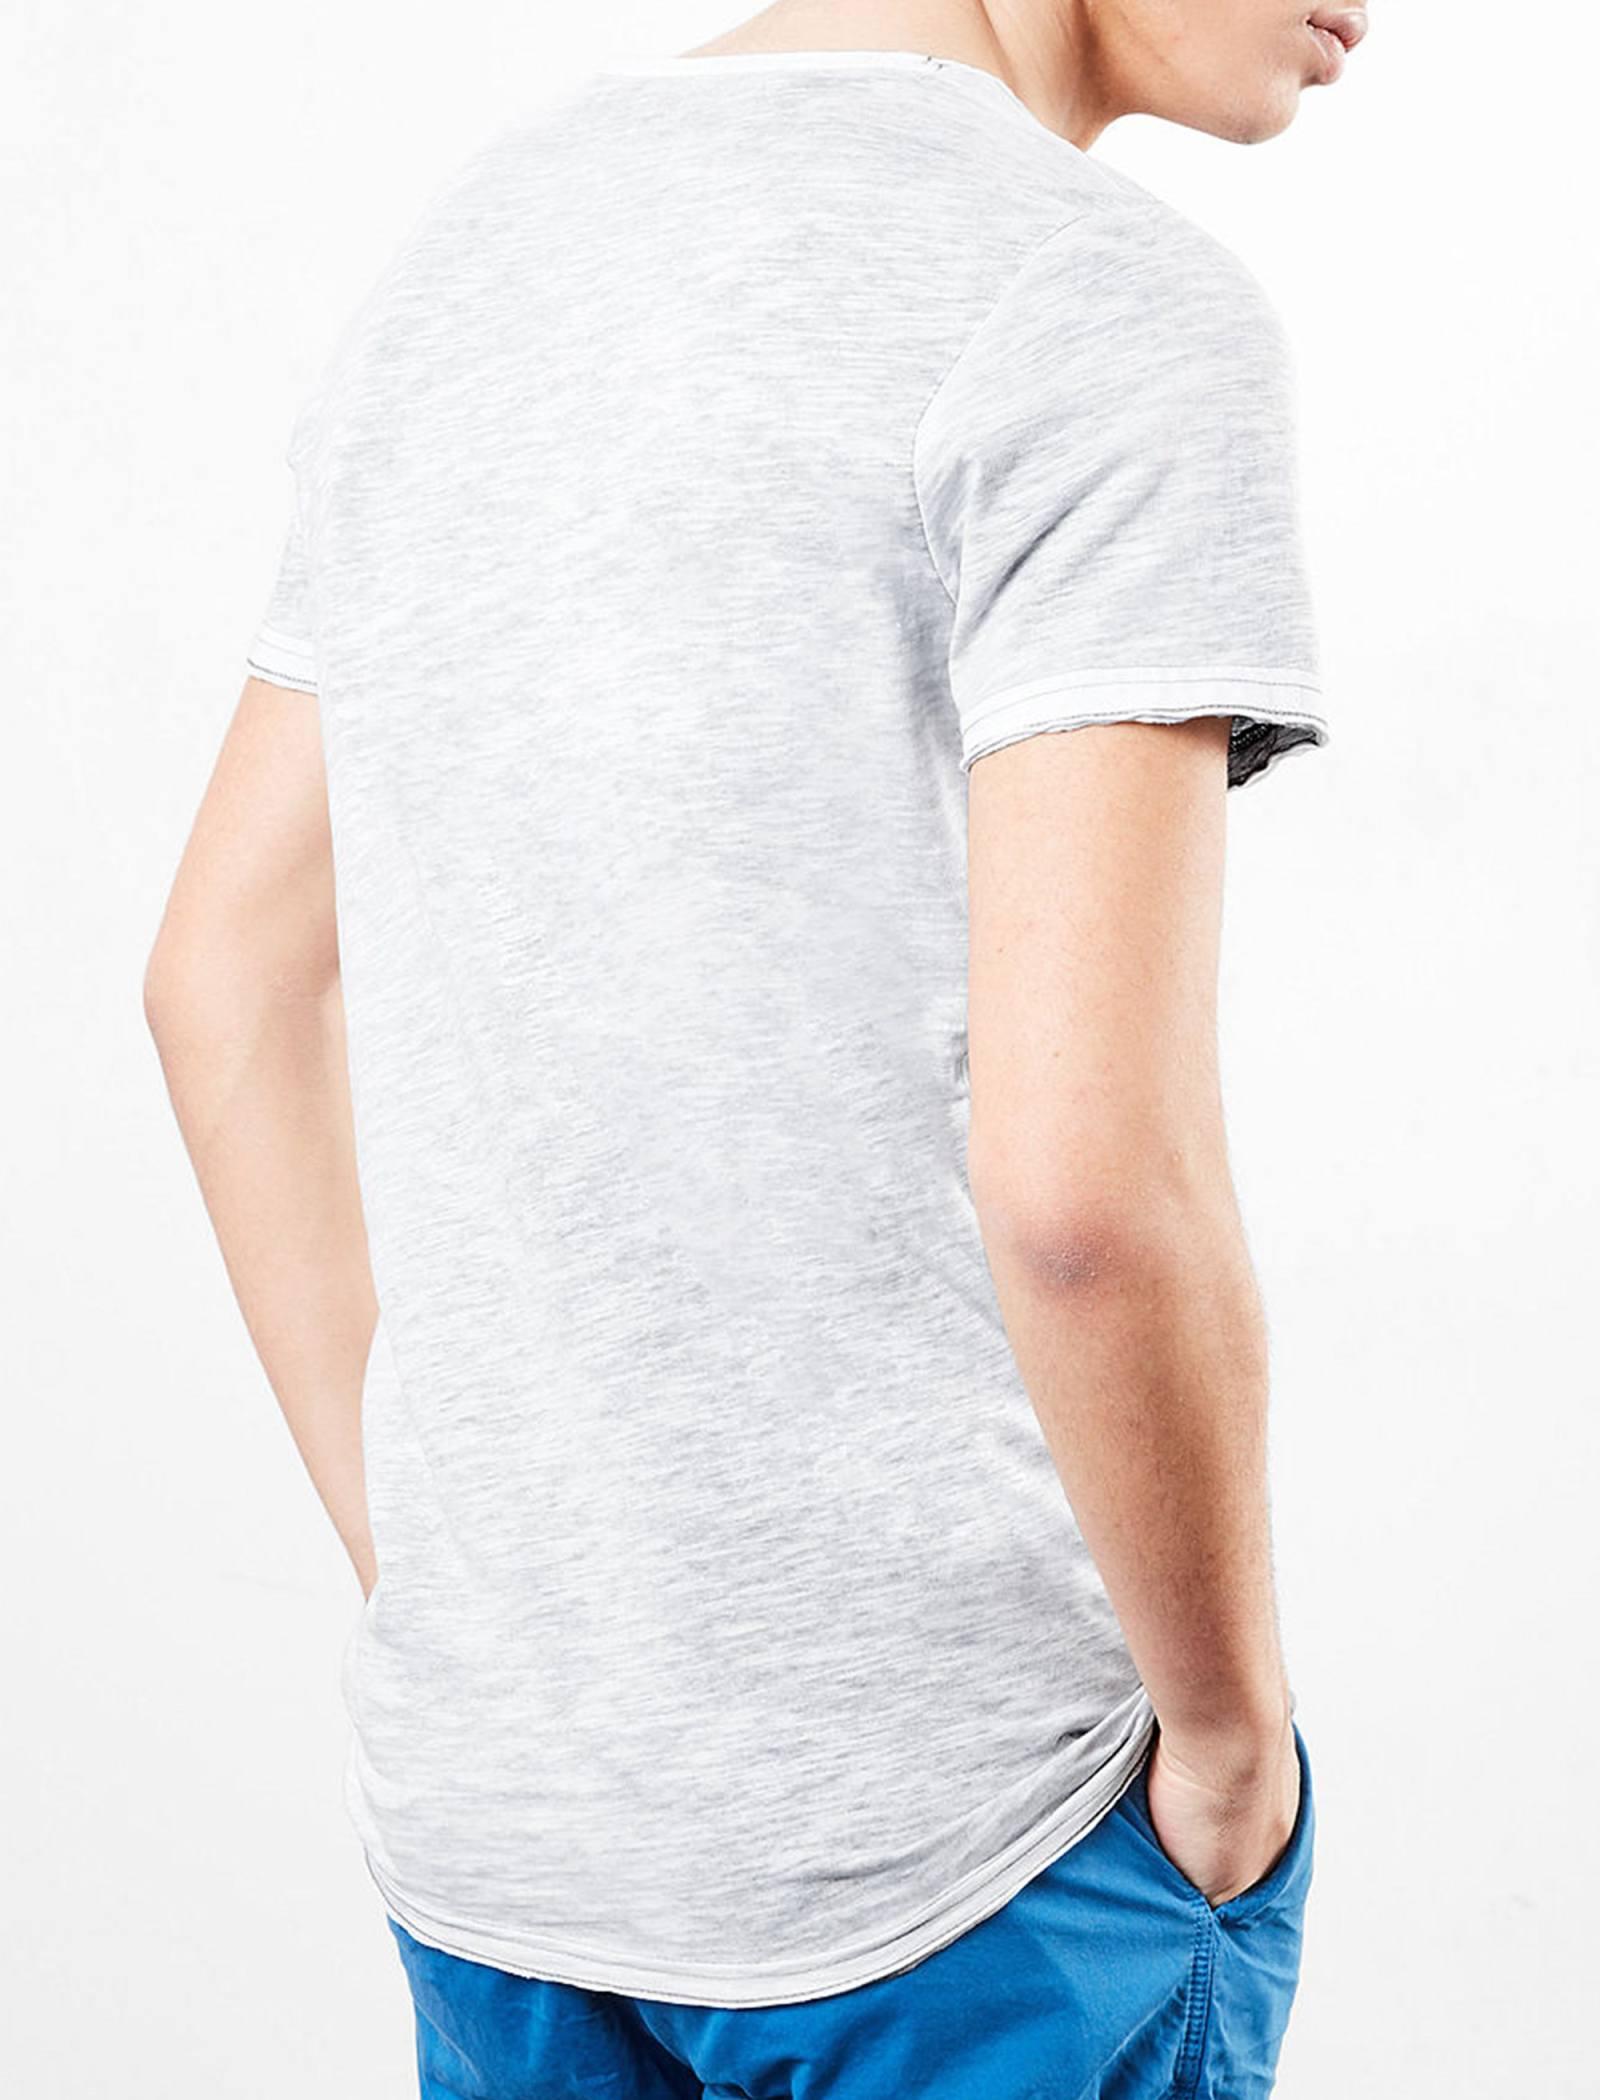 تی شرت نخی یقه گرد مردانه - اس.اولیور - طوسي قرمز - 3